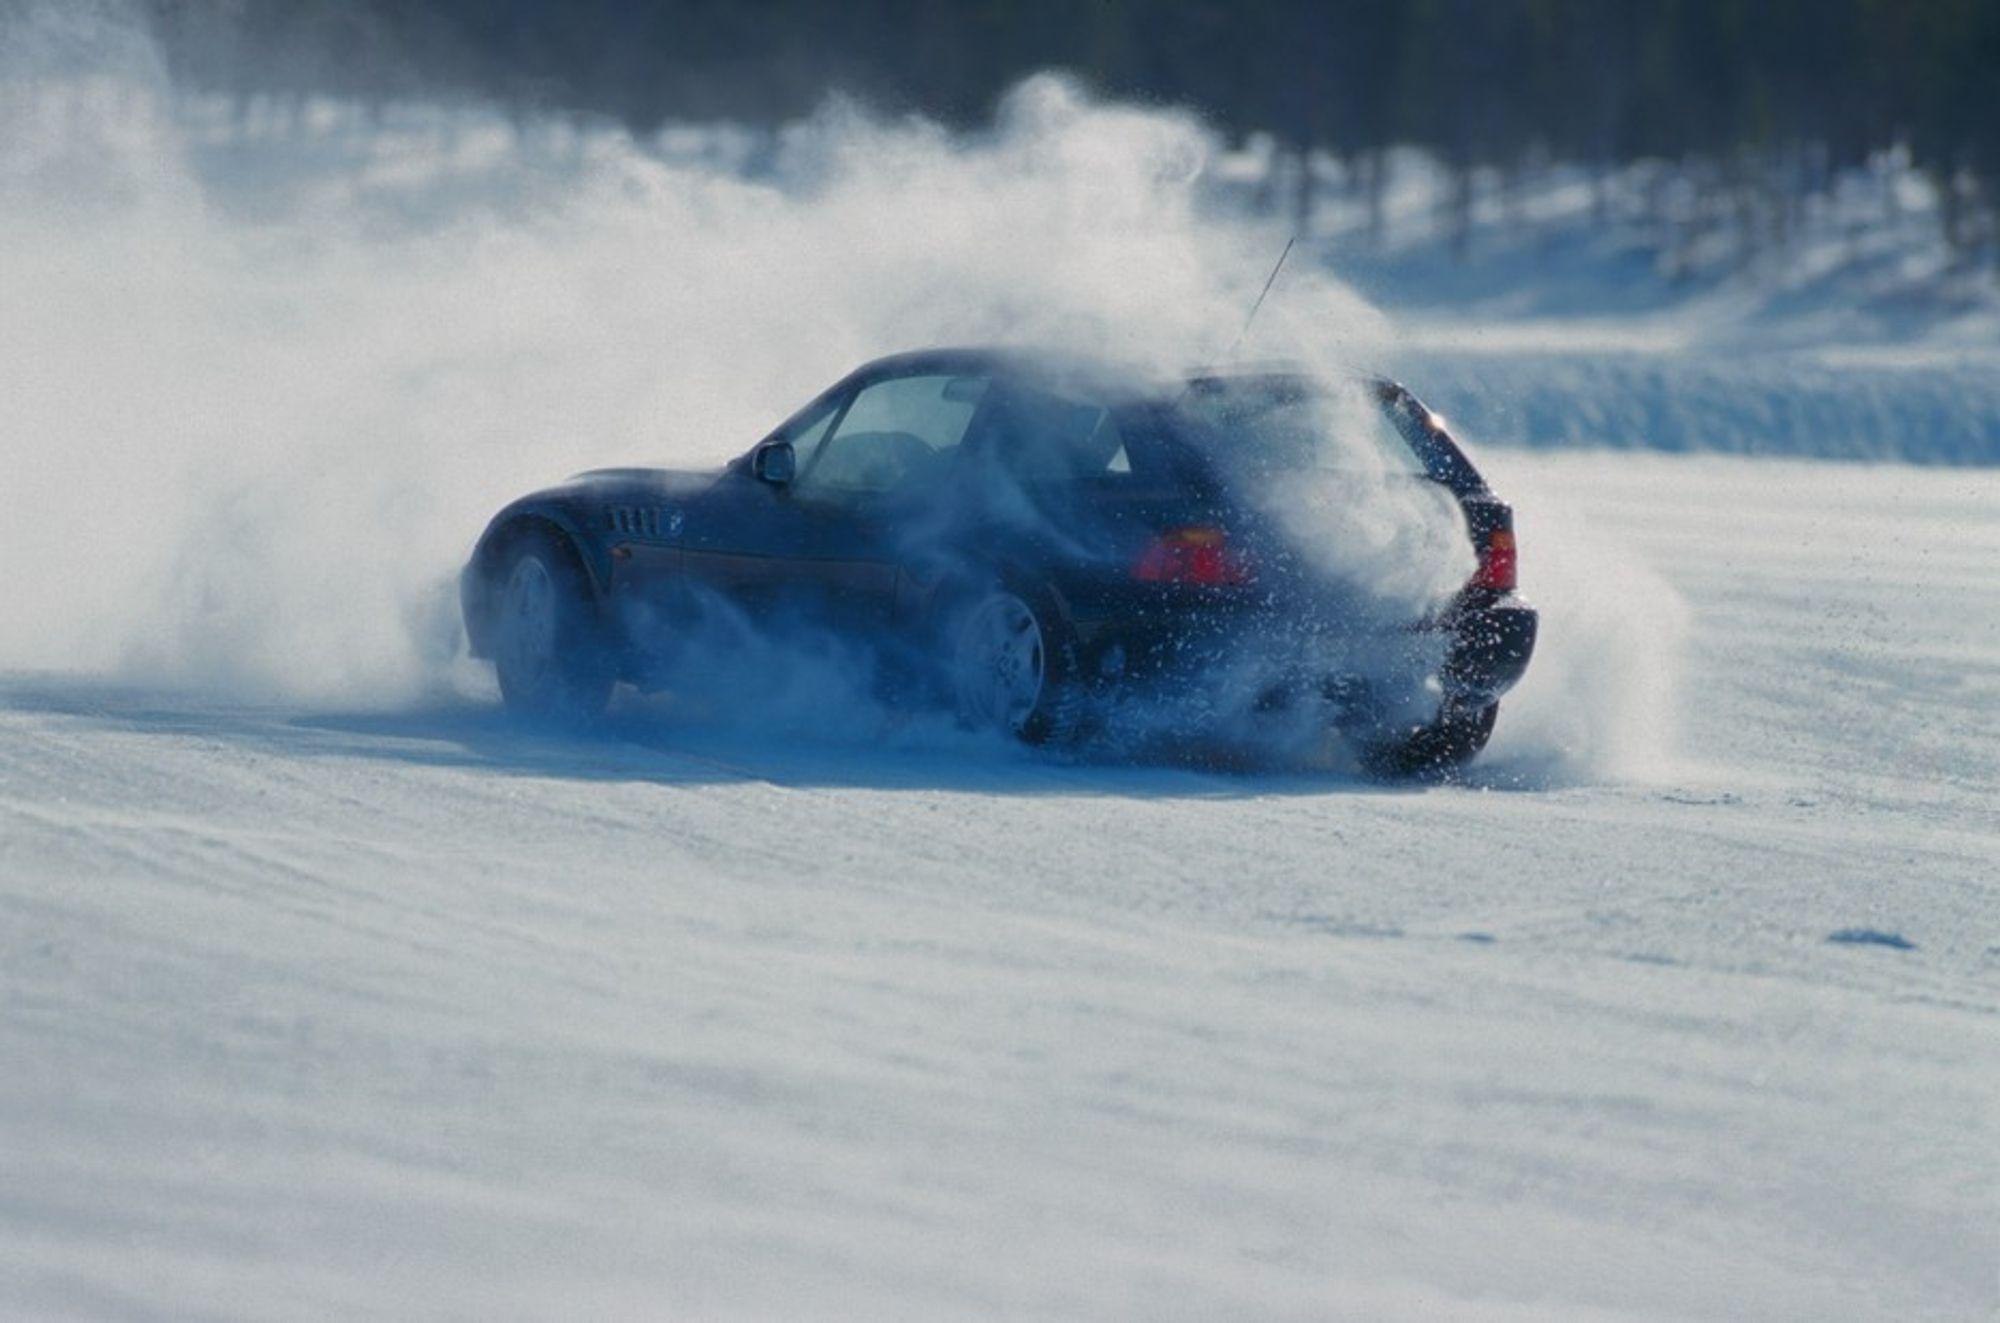 UTEN ESP: Denne bilen ble kjørt litt brutalt - med avslått ESP - rundt banen i Arvidsjaur og kom bare noen meter om gangen, før den igjen havnet i snøen.